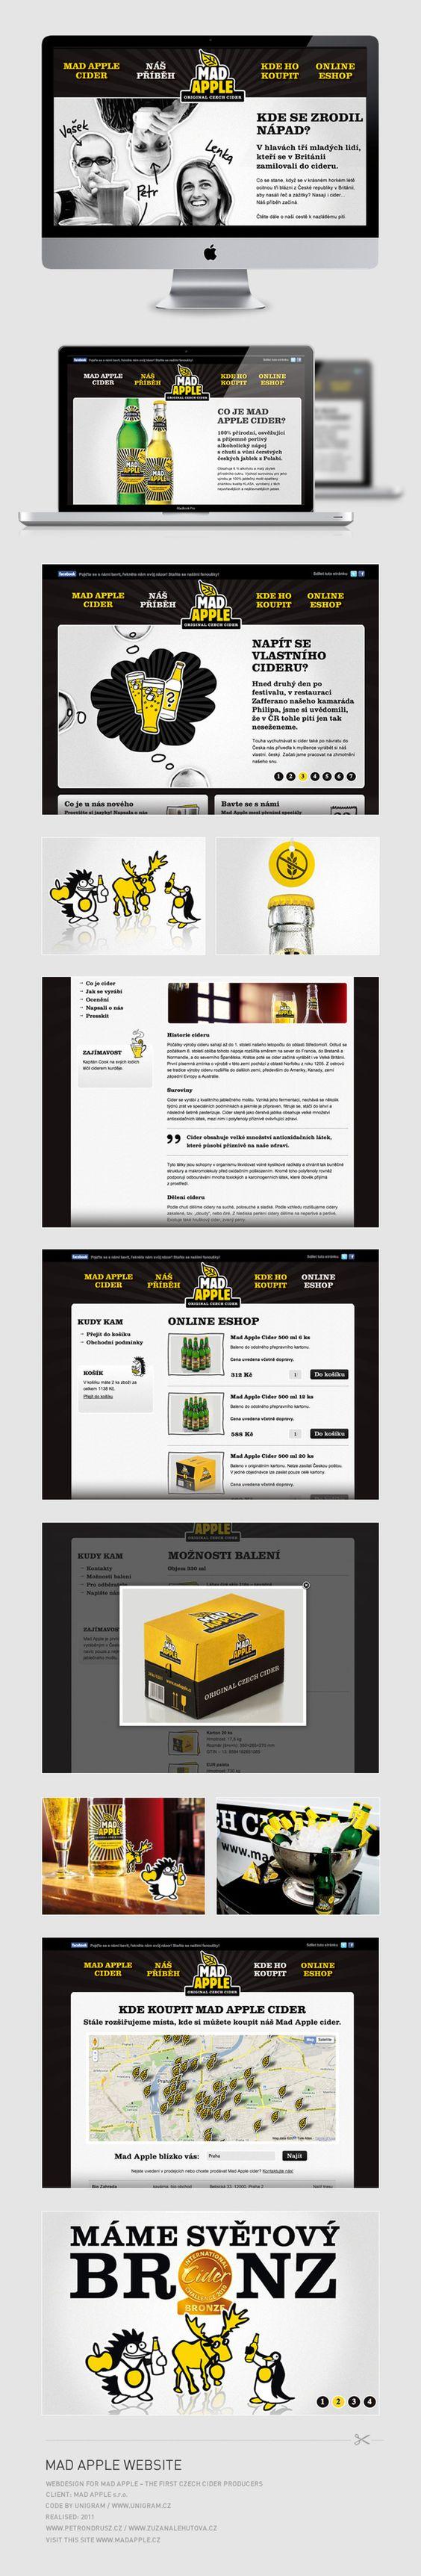 Mad Apple Cider Website on Behance